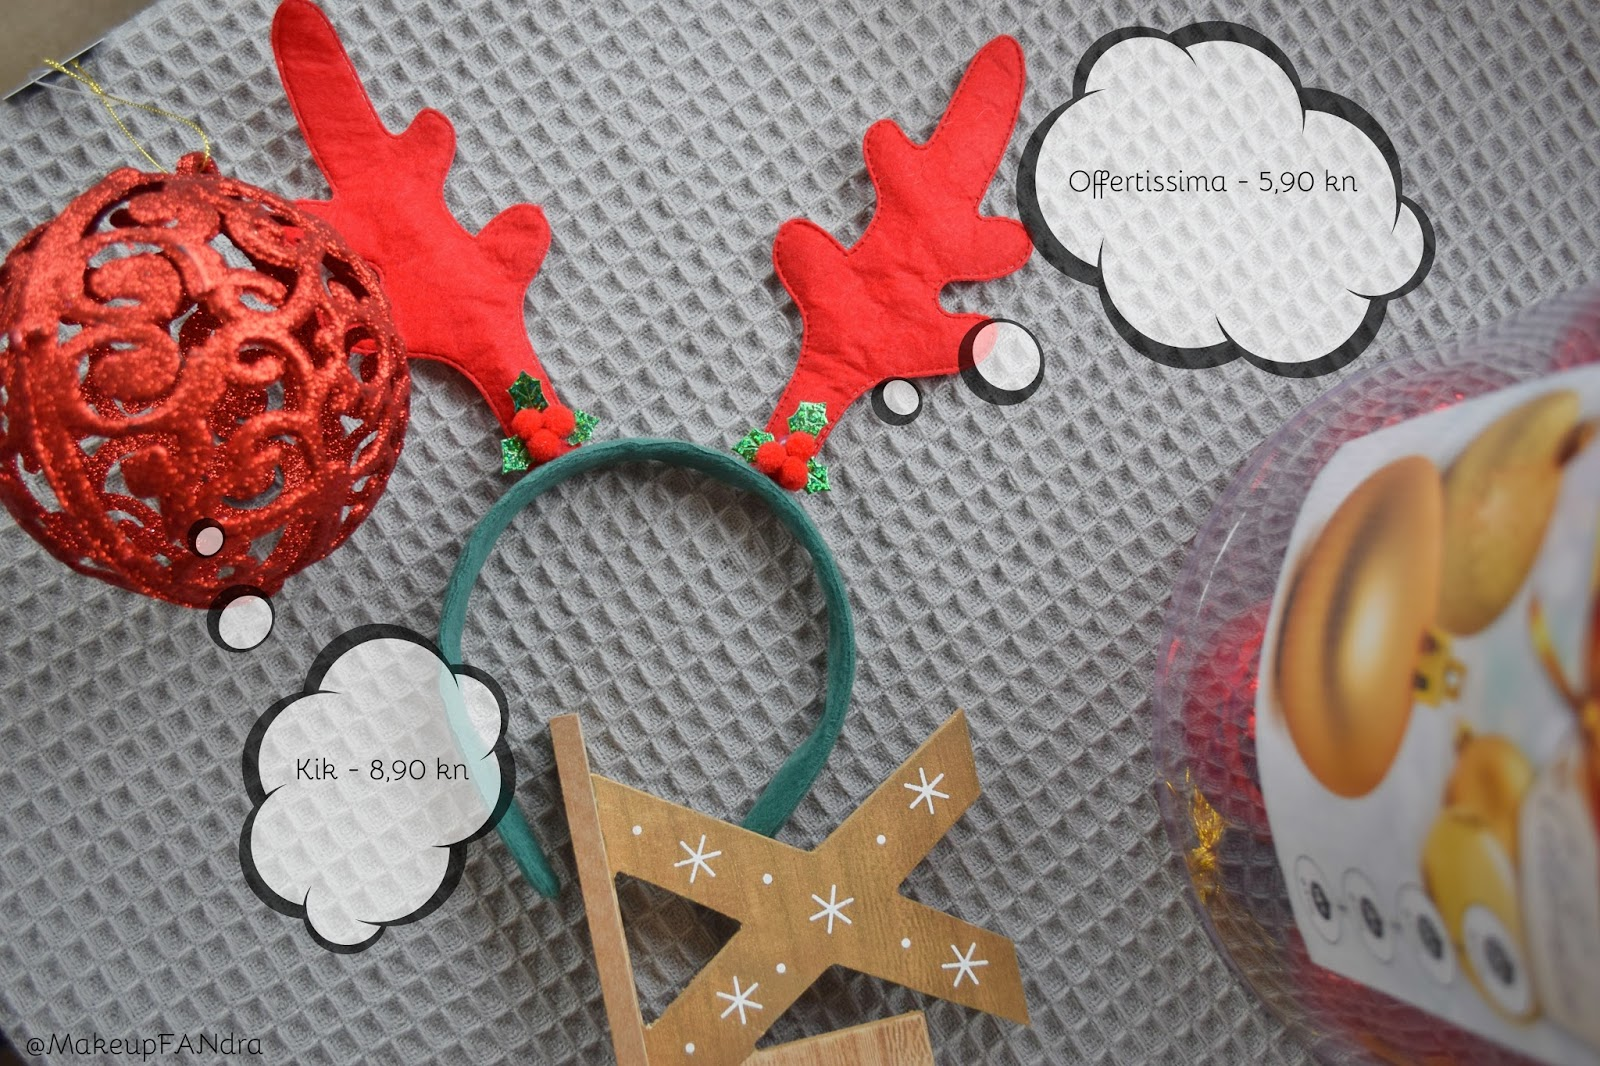 božićne dekoracije 2